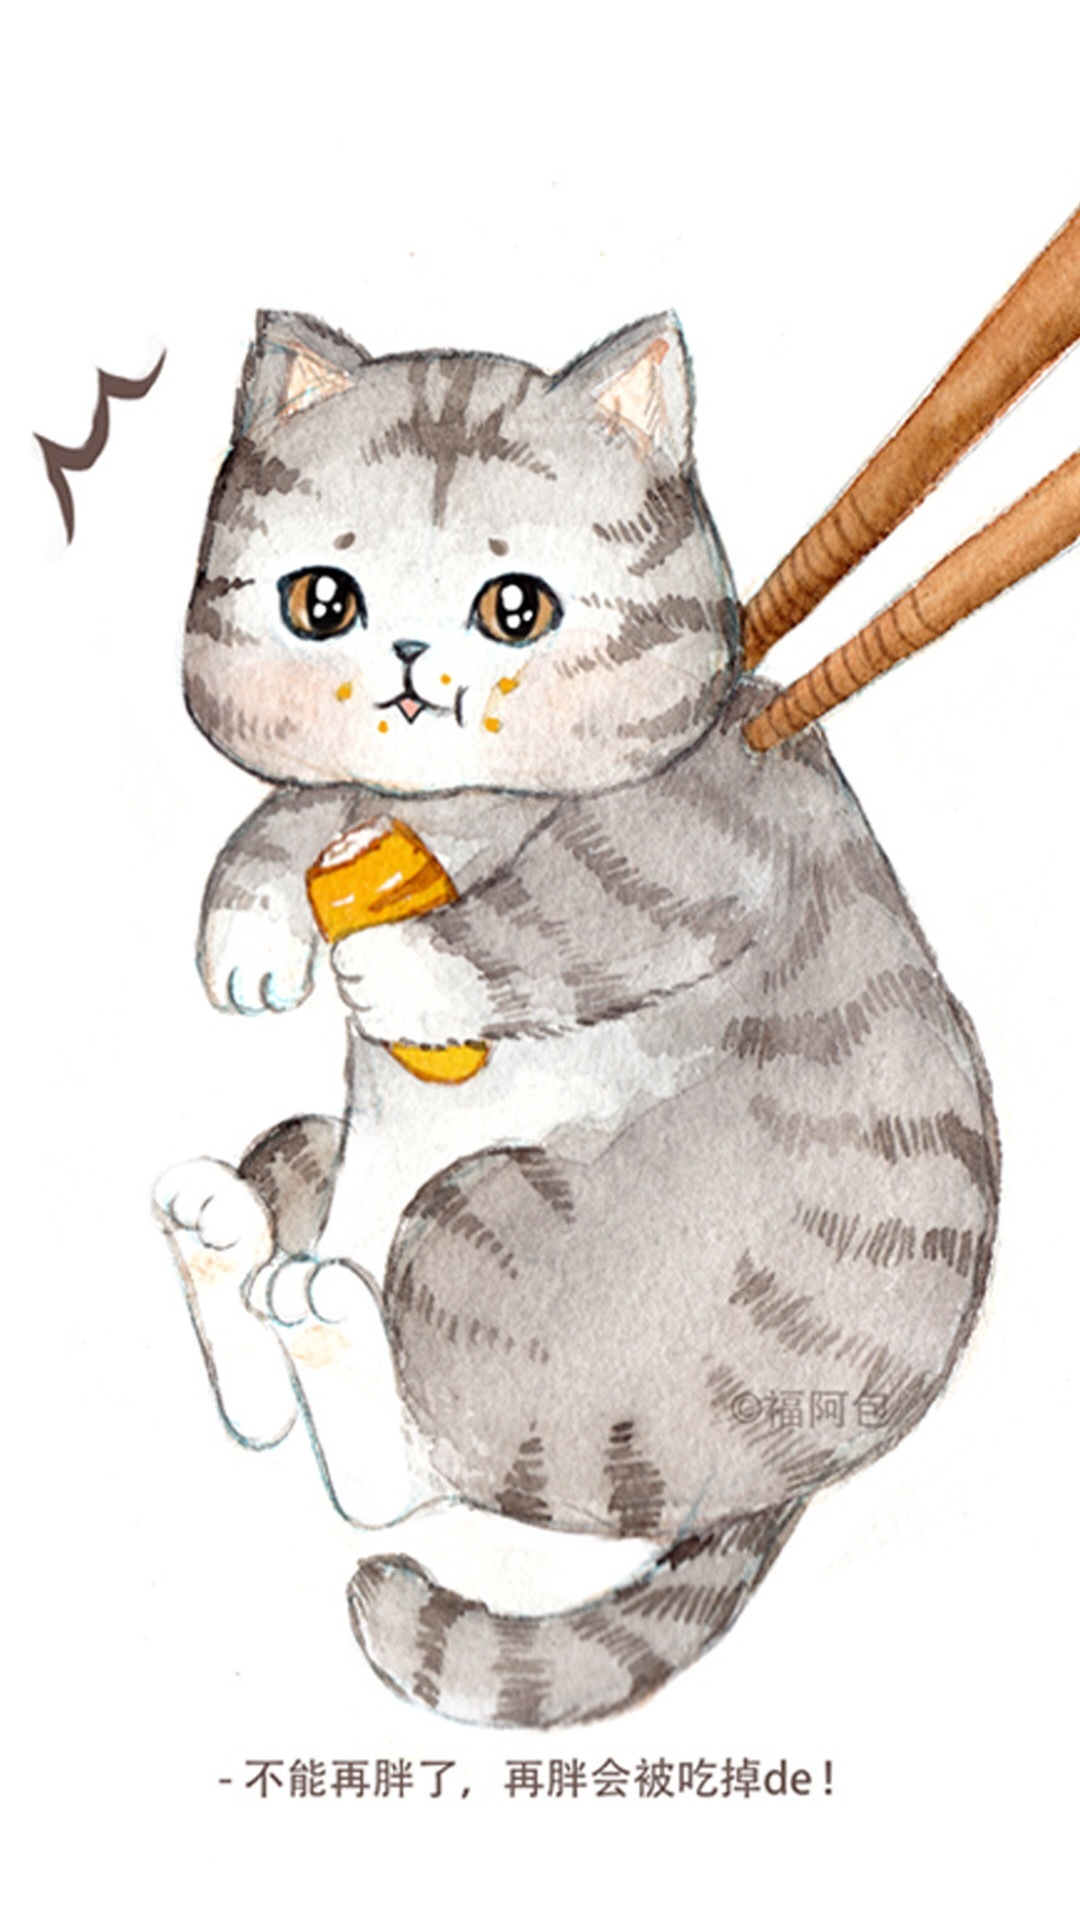 R Cat